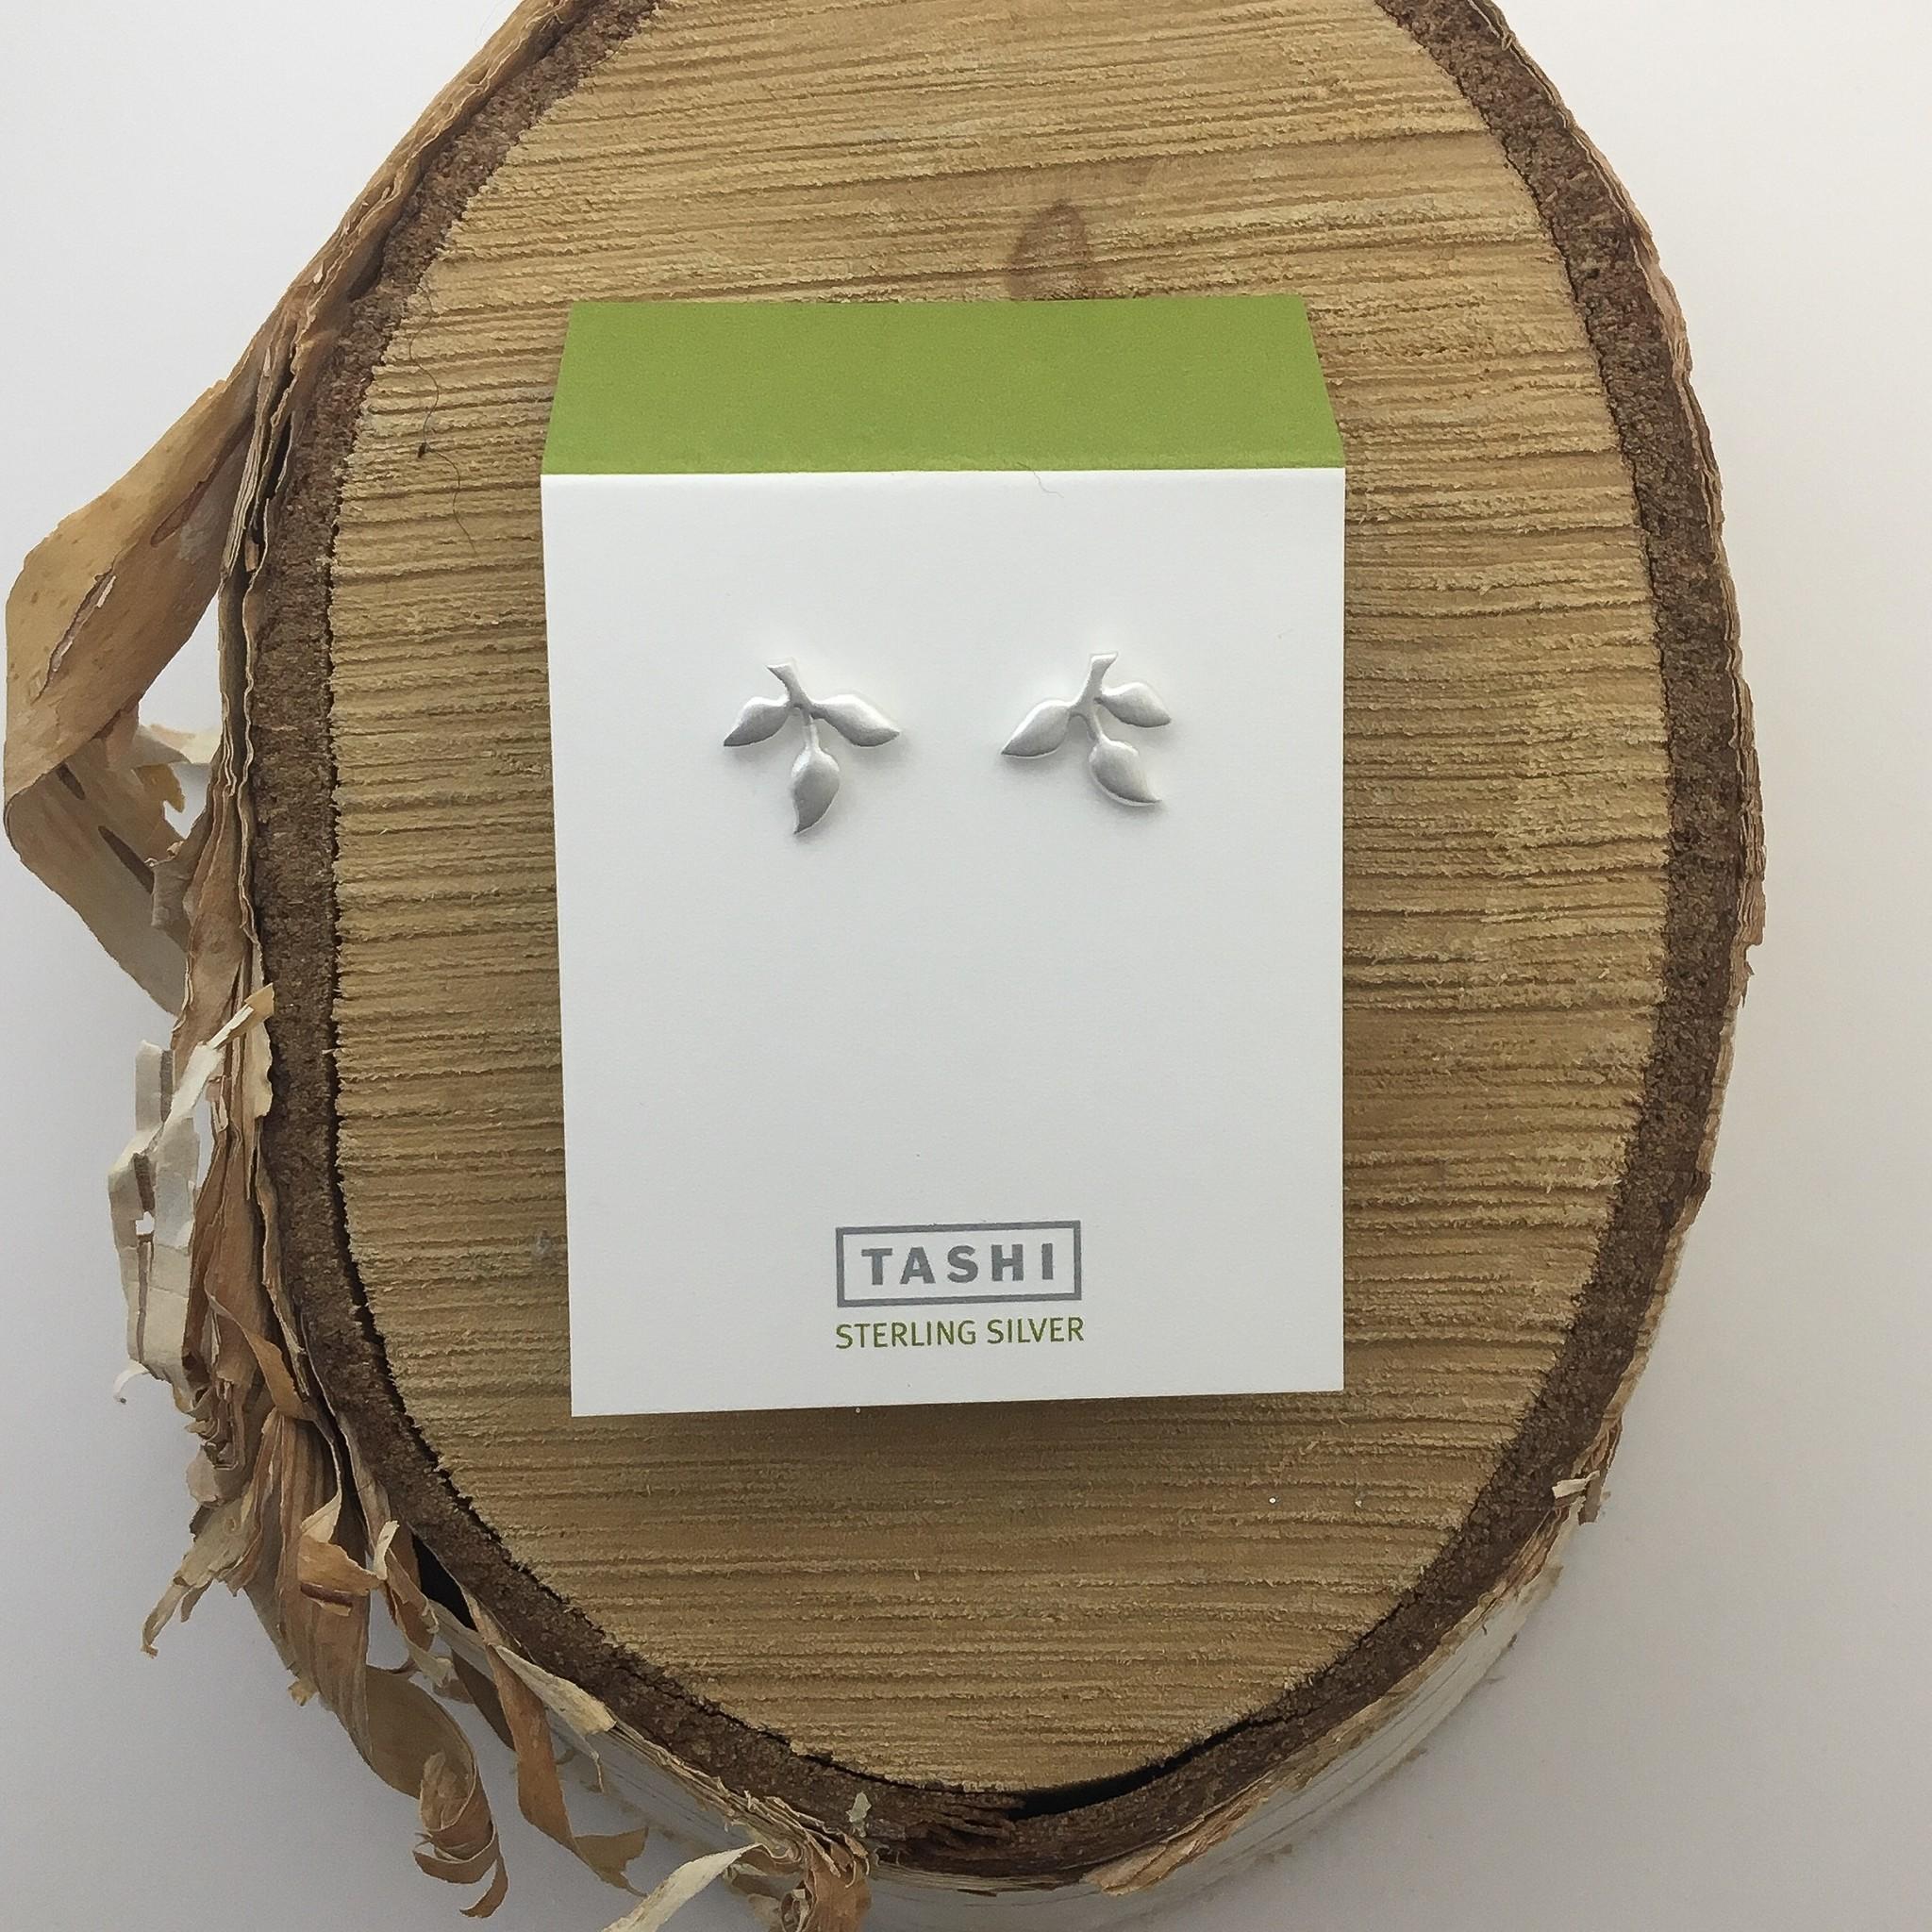 Tashi Branch Stud